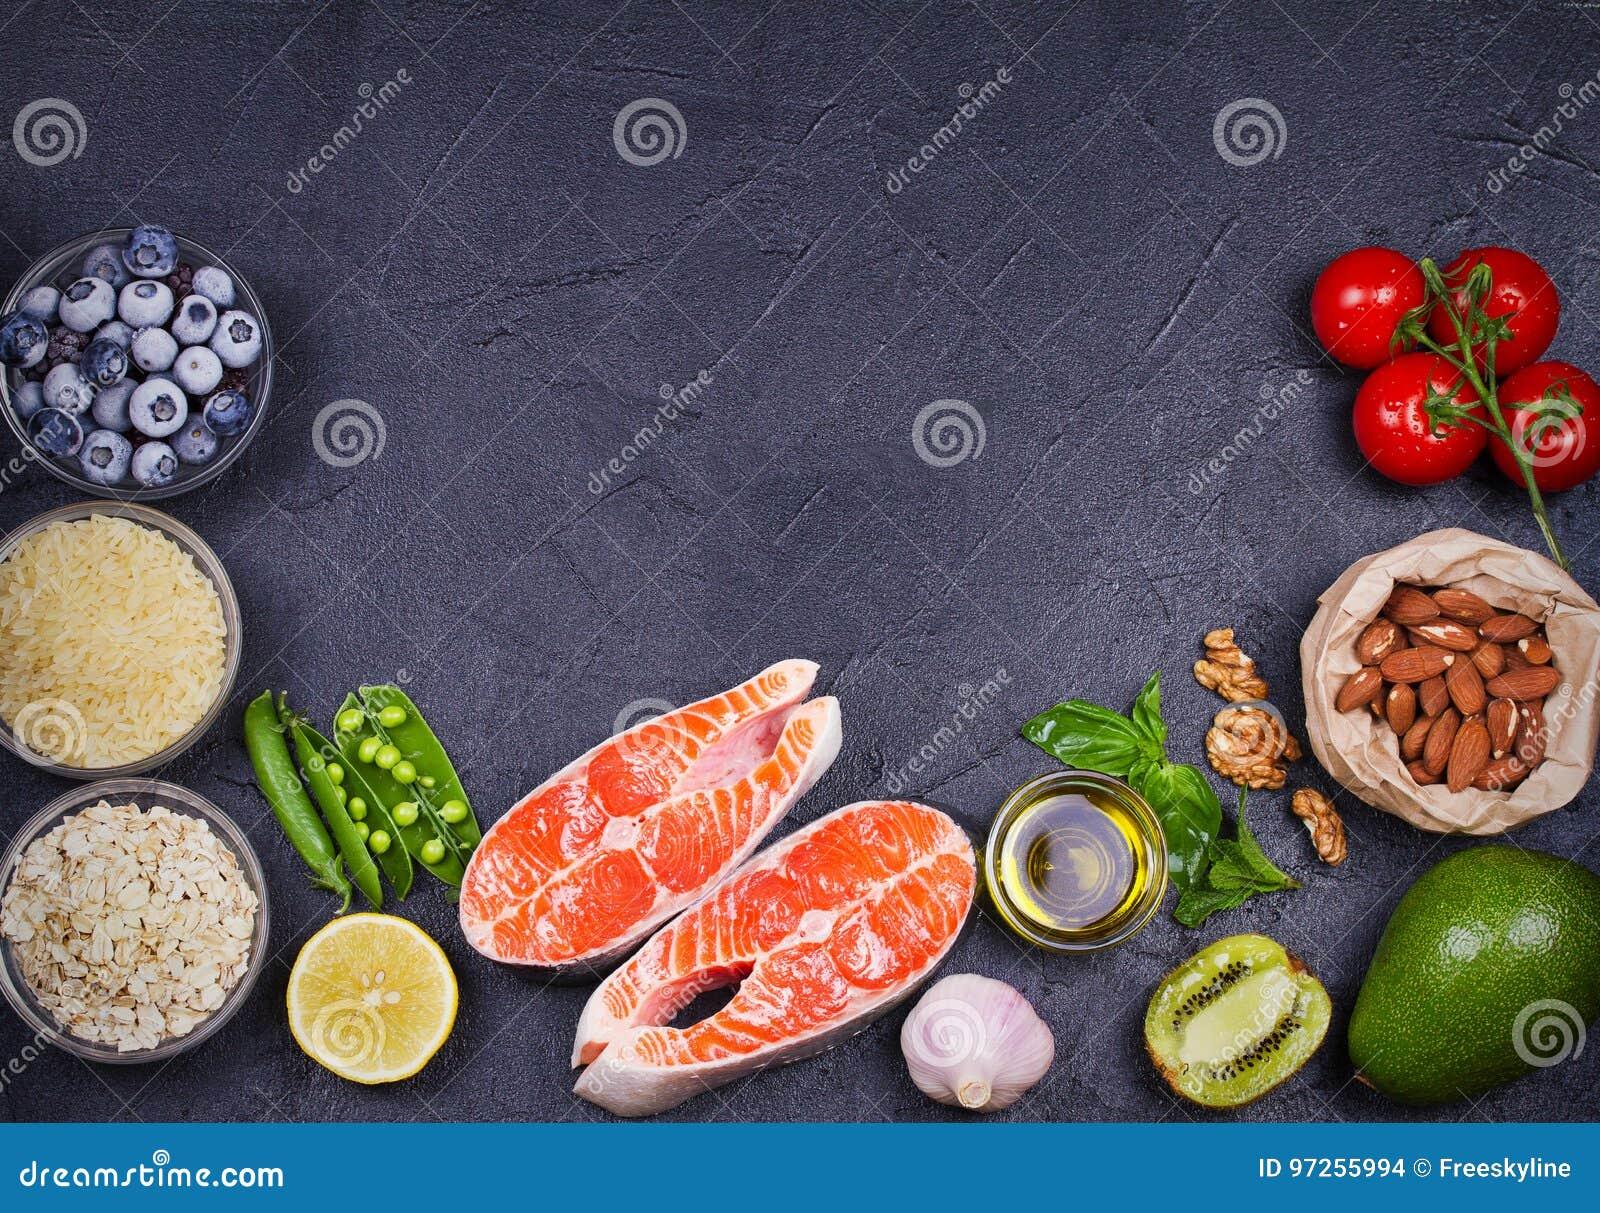 与三文鱼鱼、蔬菜、水果和成份的戒毒所健康食物概念烹调的